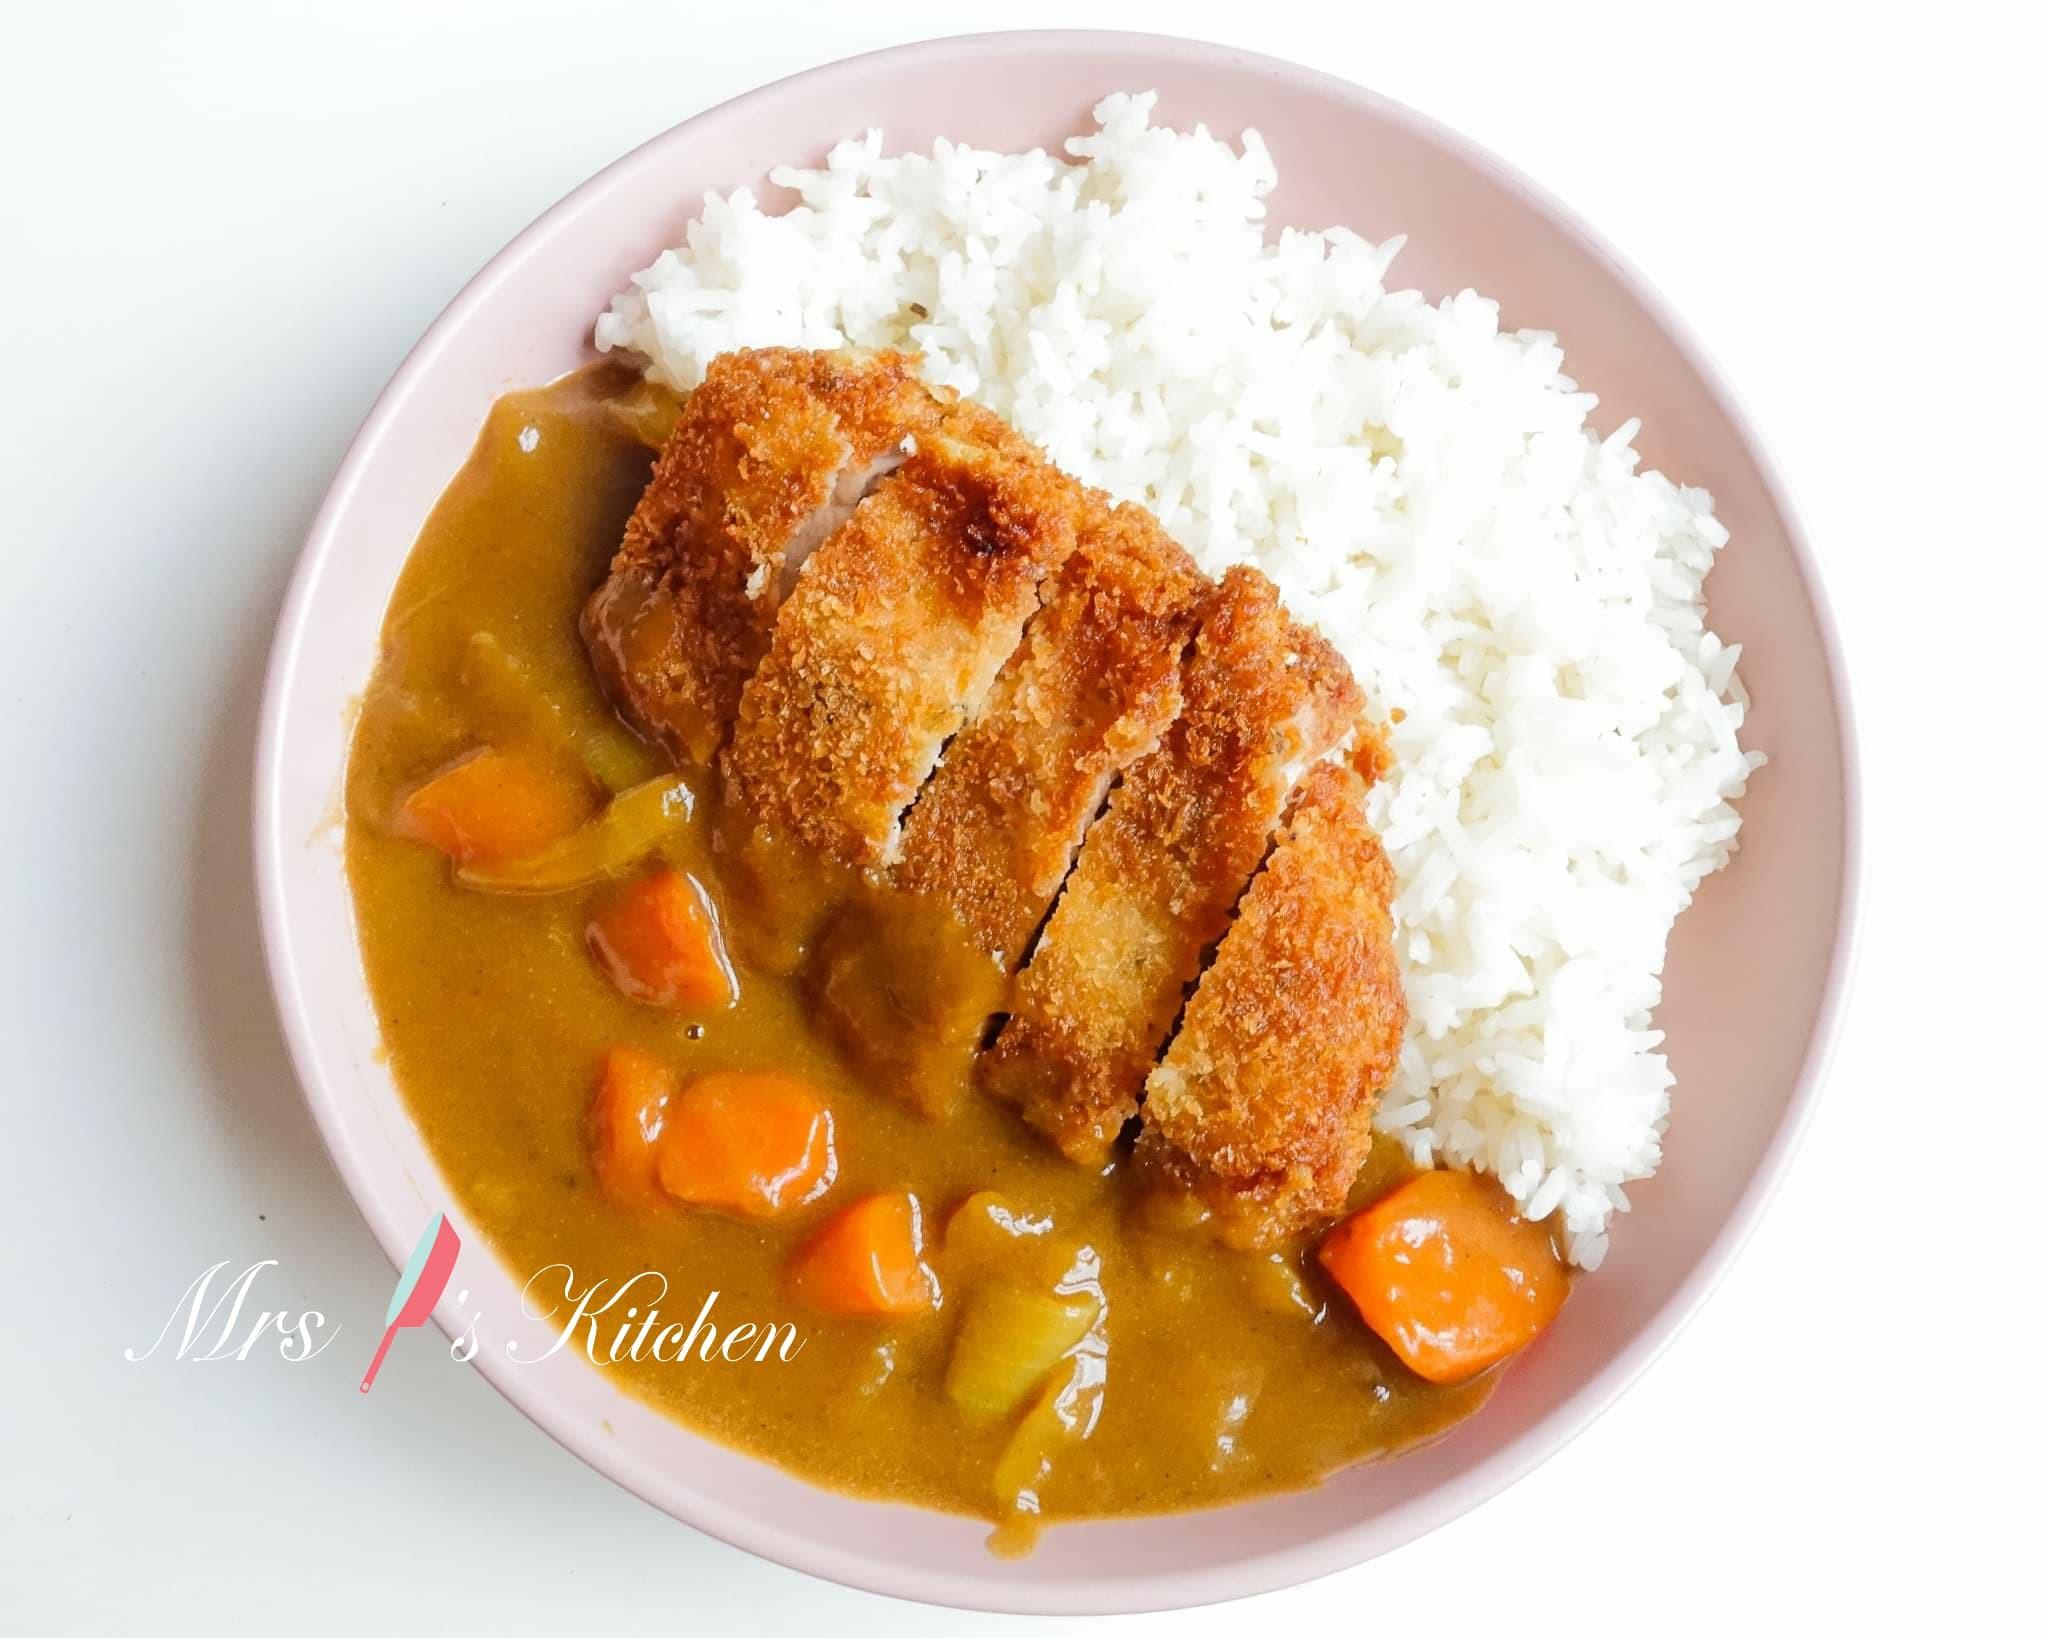 日式咖哩吉列豬排飯